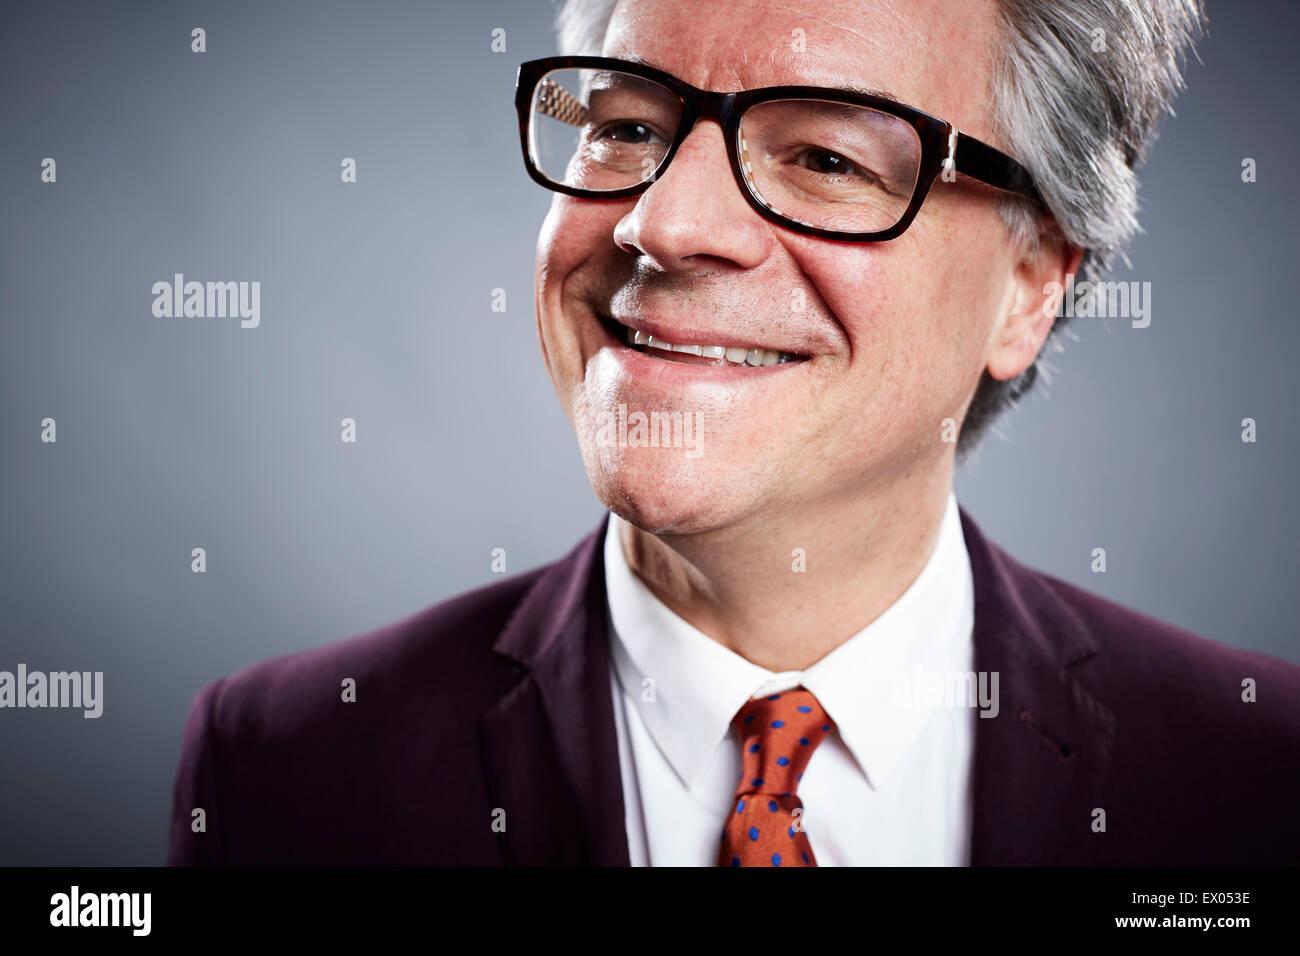 Studioportrait von lächelnden reifer Geschäftsmann hautnah Stockbild